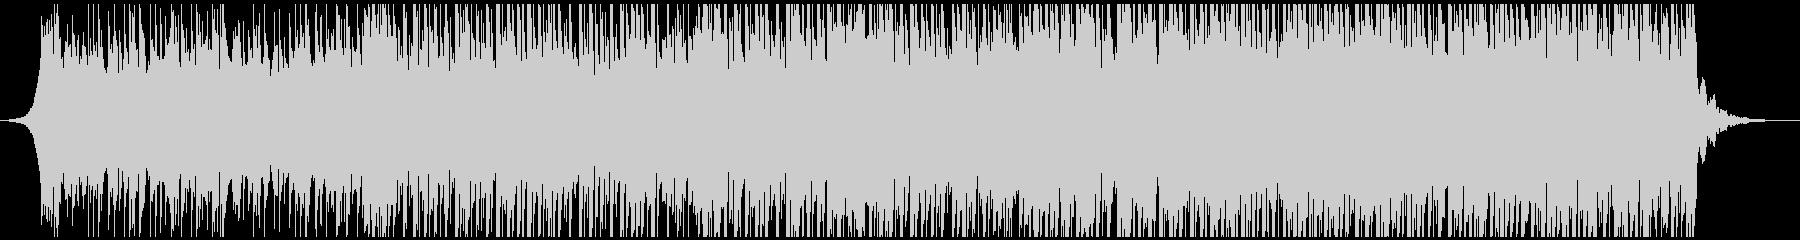 テクノロジー(90秒)の未再生の波形